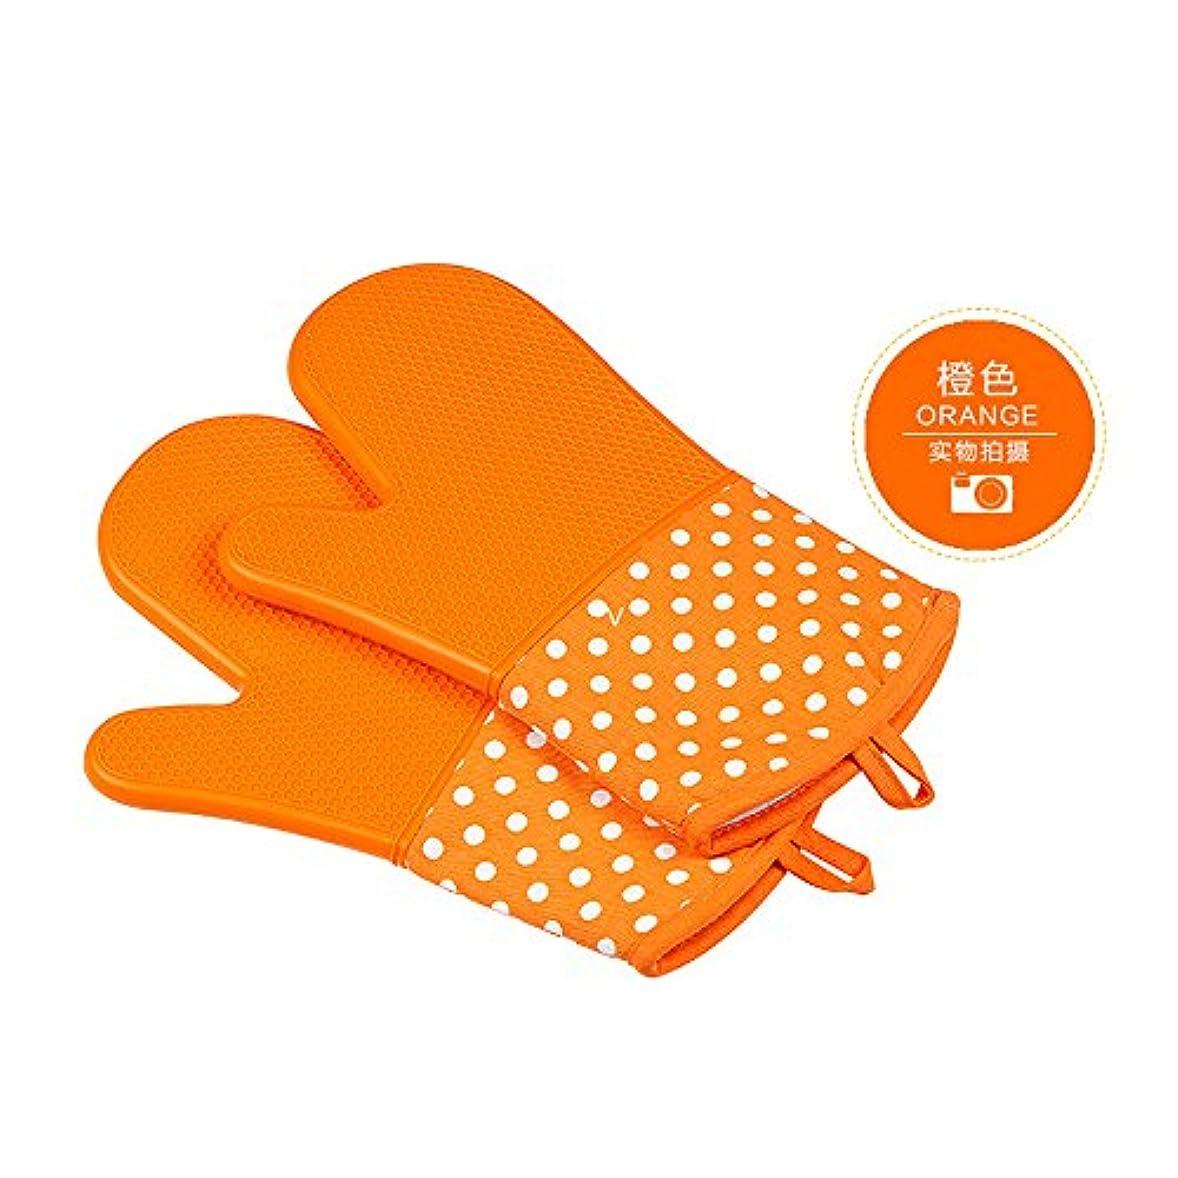 核下るトークンJOOP【2個セット】【シリコンベーキング手袋】【バーベキュー手袋】【キッチン電子レンジの手袋】【オーブン断熱手袋】【300の加熱温度極値】【7色】 (グリーン)